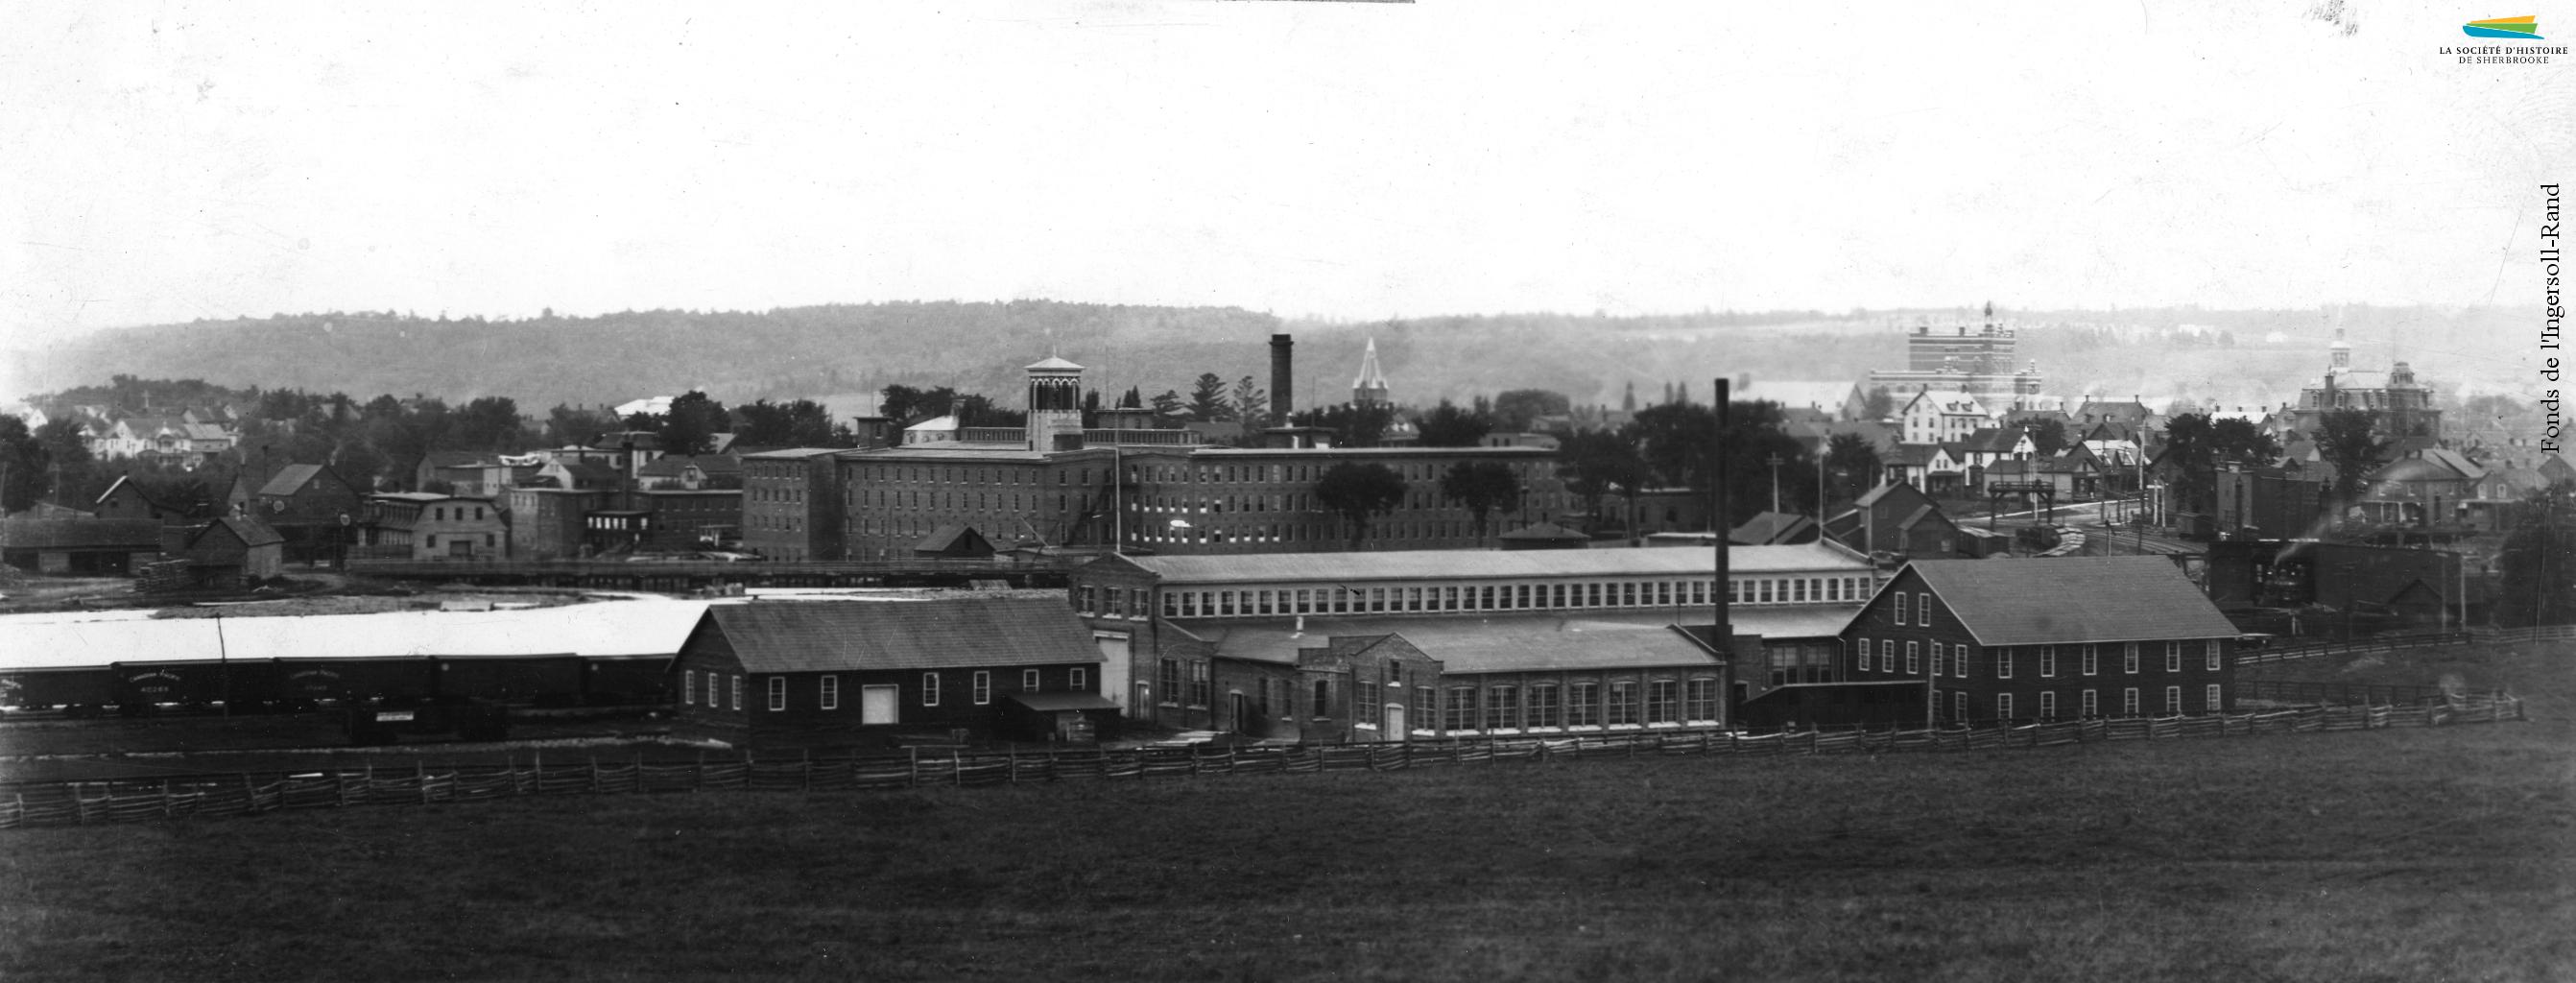 Les premiers bâtiments du complexe industriel de la <em>Rand</em>, à proximité des rues Galt et Belvédère, vers 1901. La rivière Magog et l'usine Paton sont visibles à l'arrière-plan.